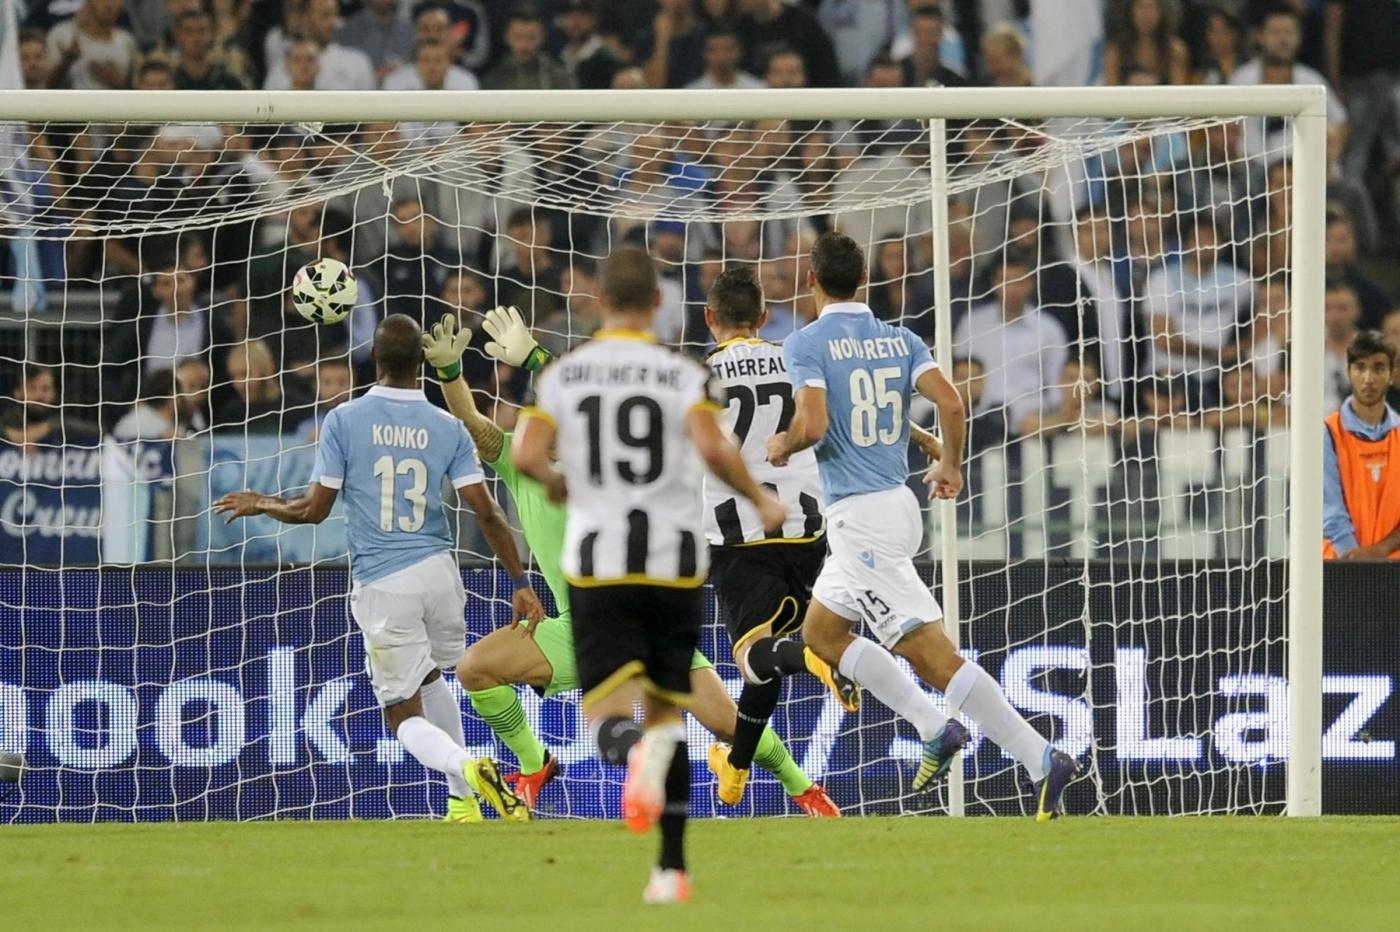 Lazio-Udinese 0-1: Thereau lancia i friulani